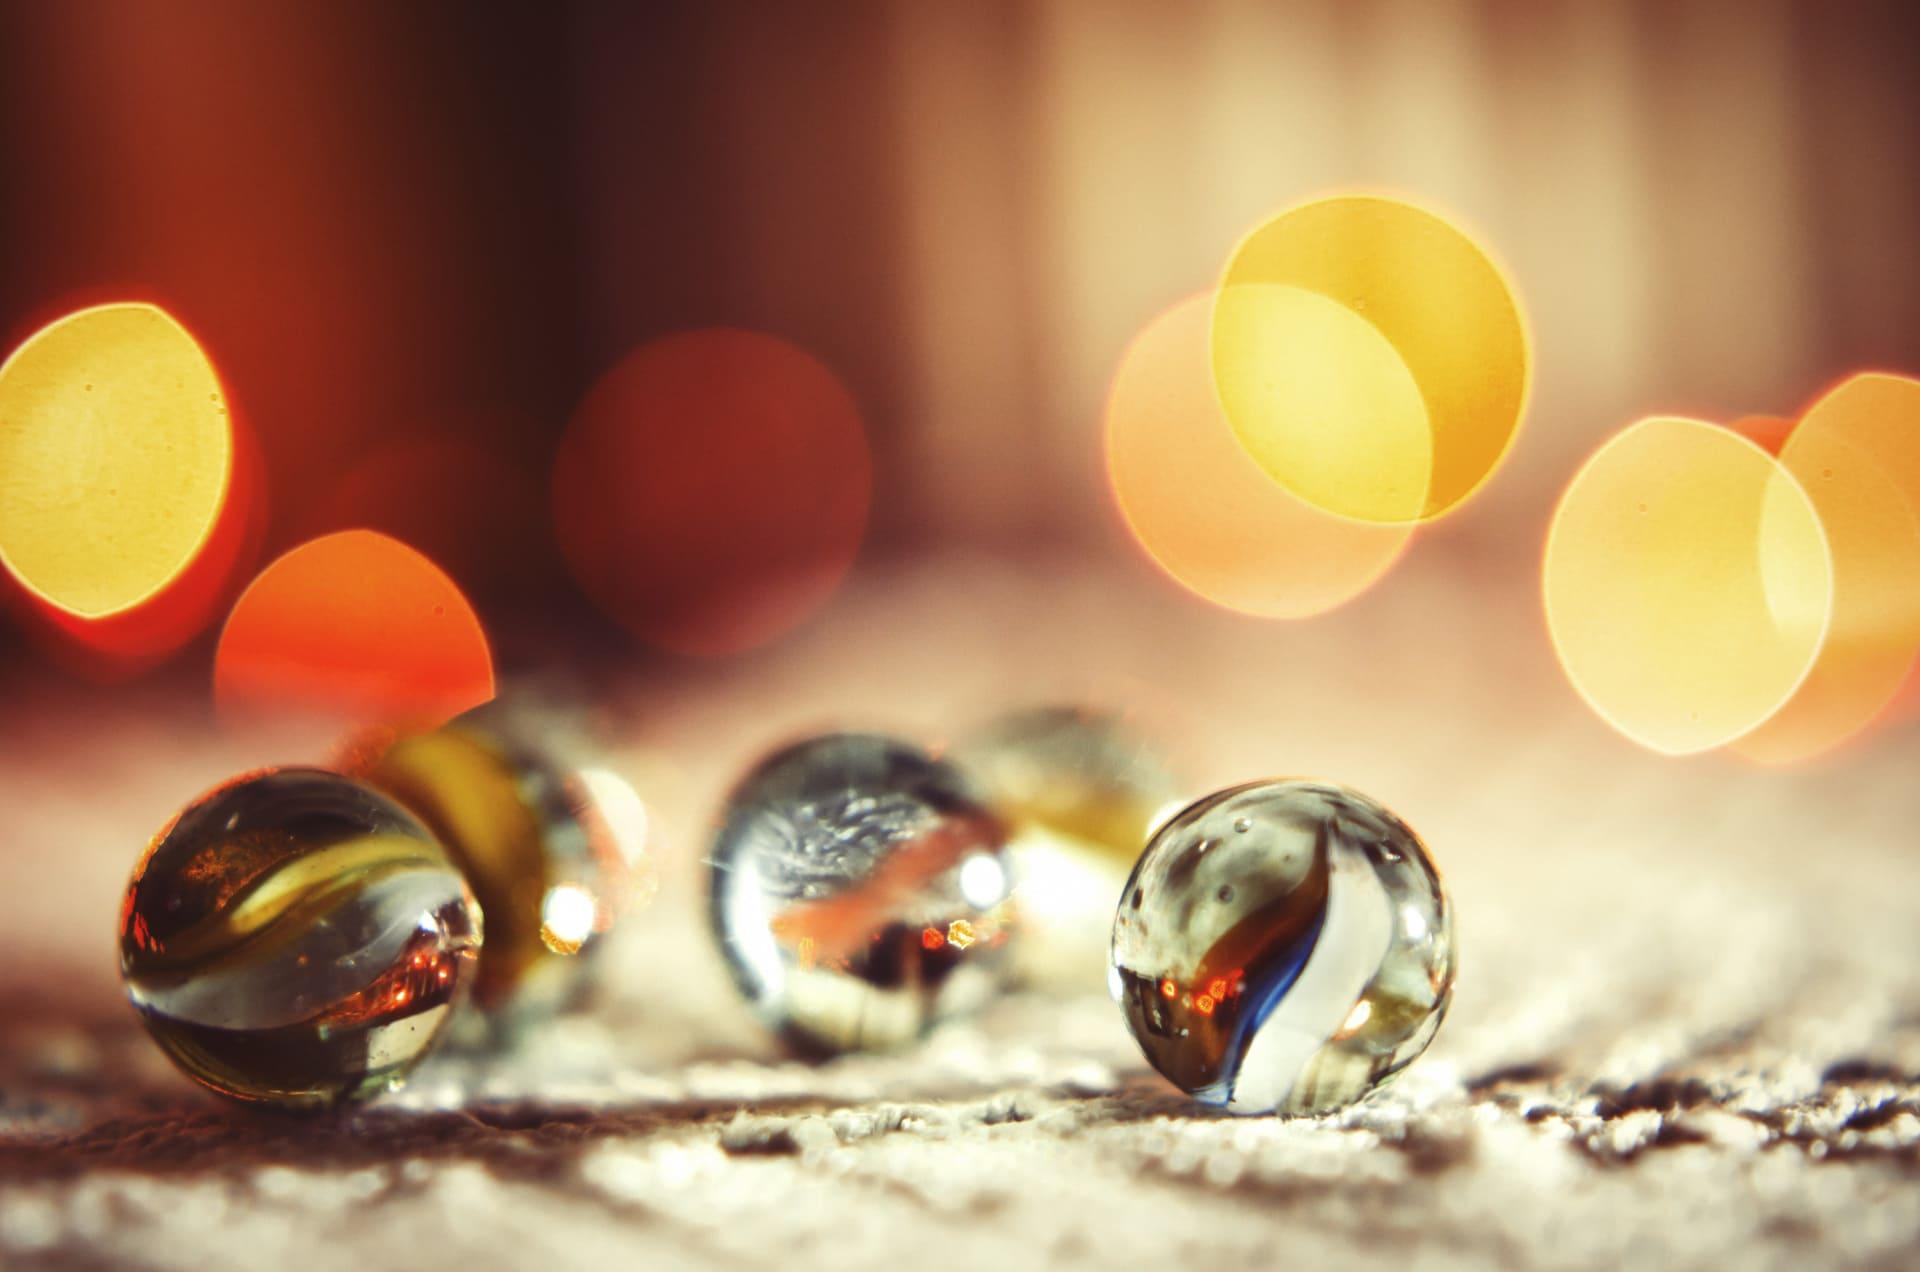 puzzle-blog-de-relatos-pensamientos-abstractos-microrrelatos-reflexiones-de-la-vida